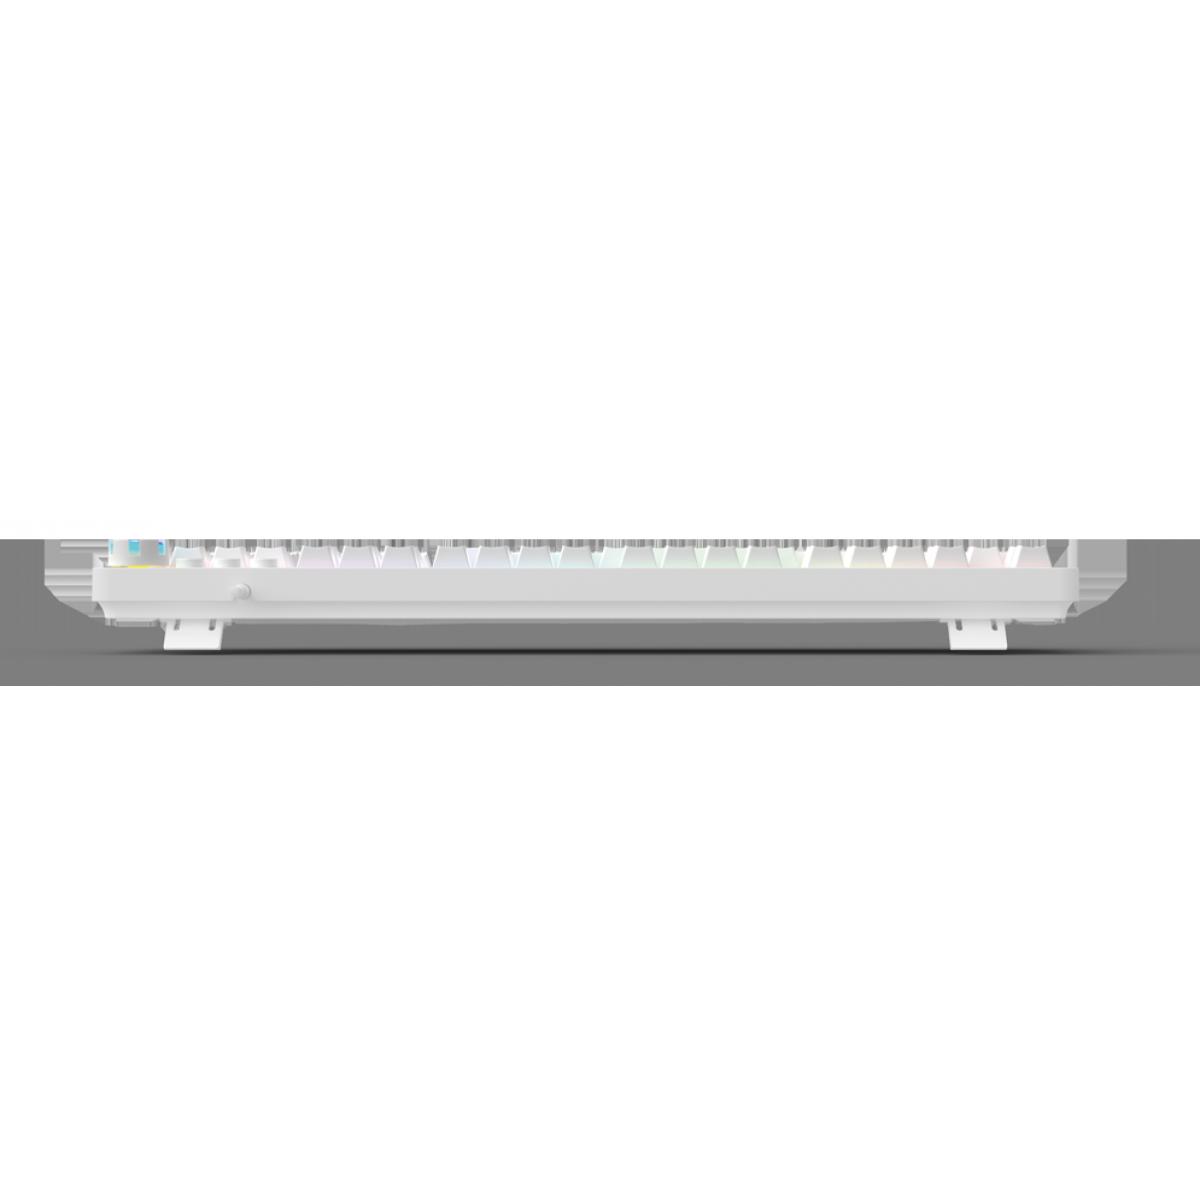 Teclado Gamer Mecânico Fantech Max Core Edição Space, RGB, Switch Blue, White, MK852